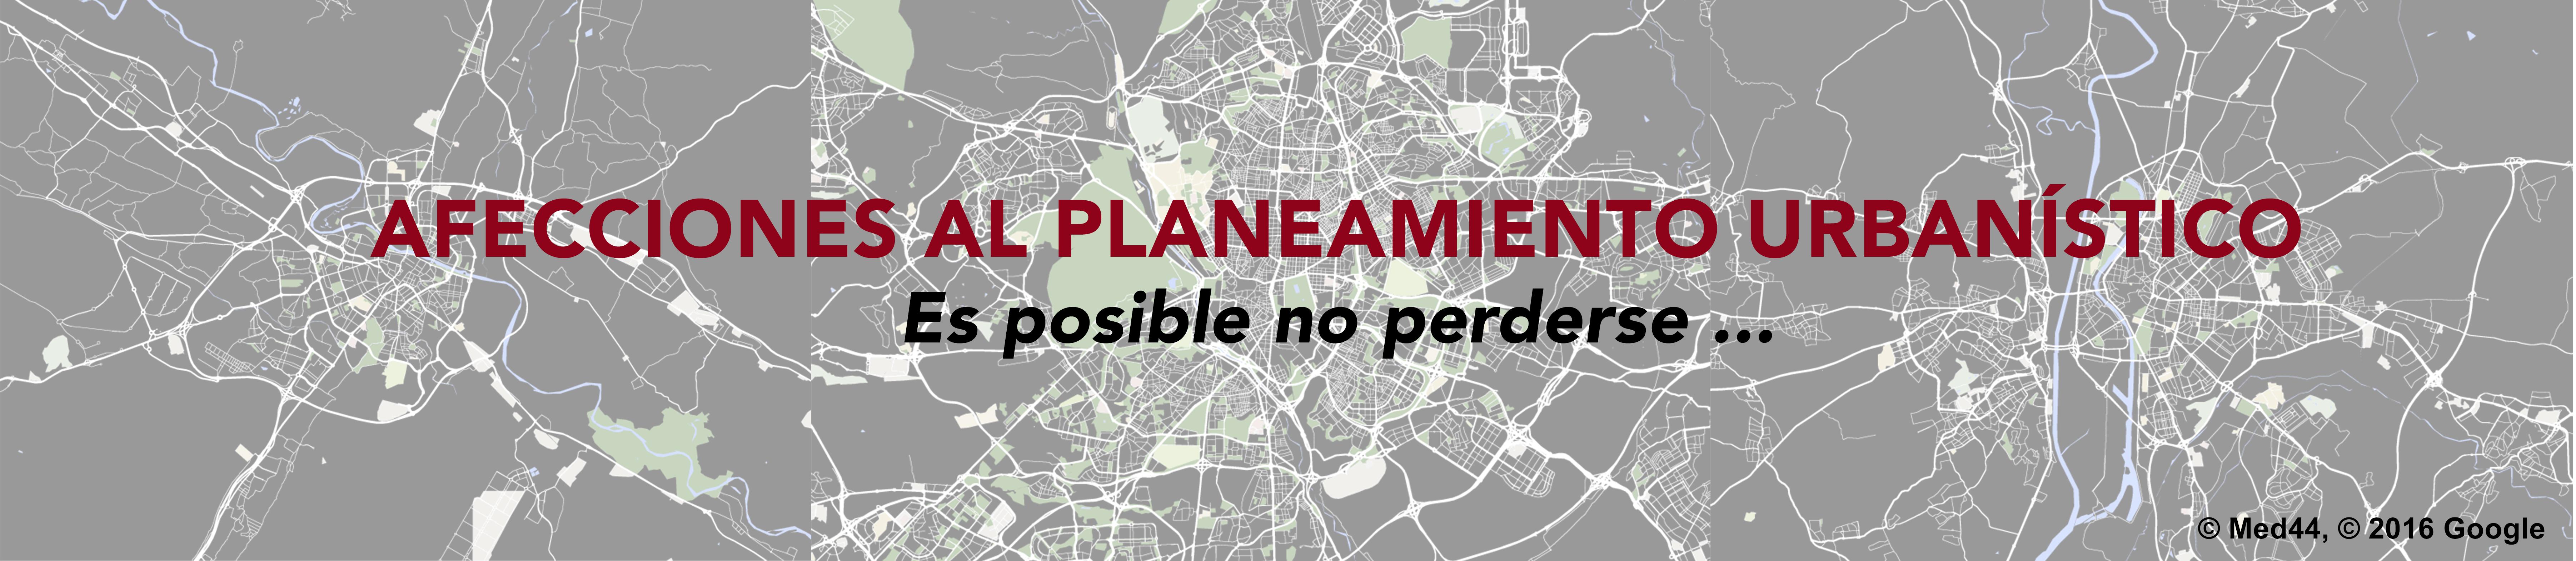 afecciones al planeamiento urbanístico